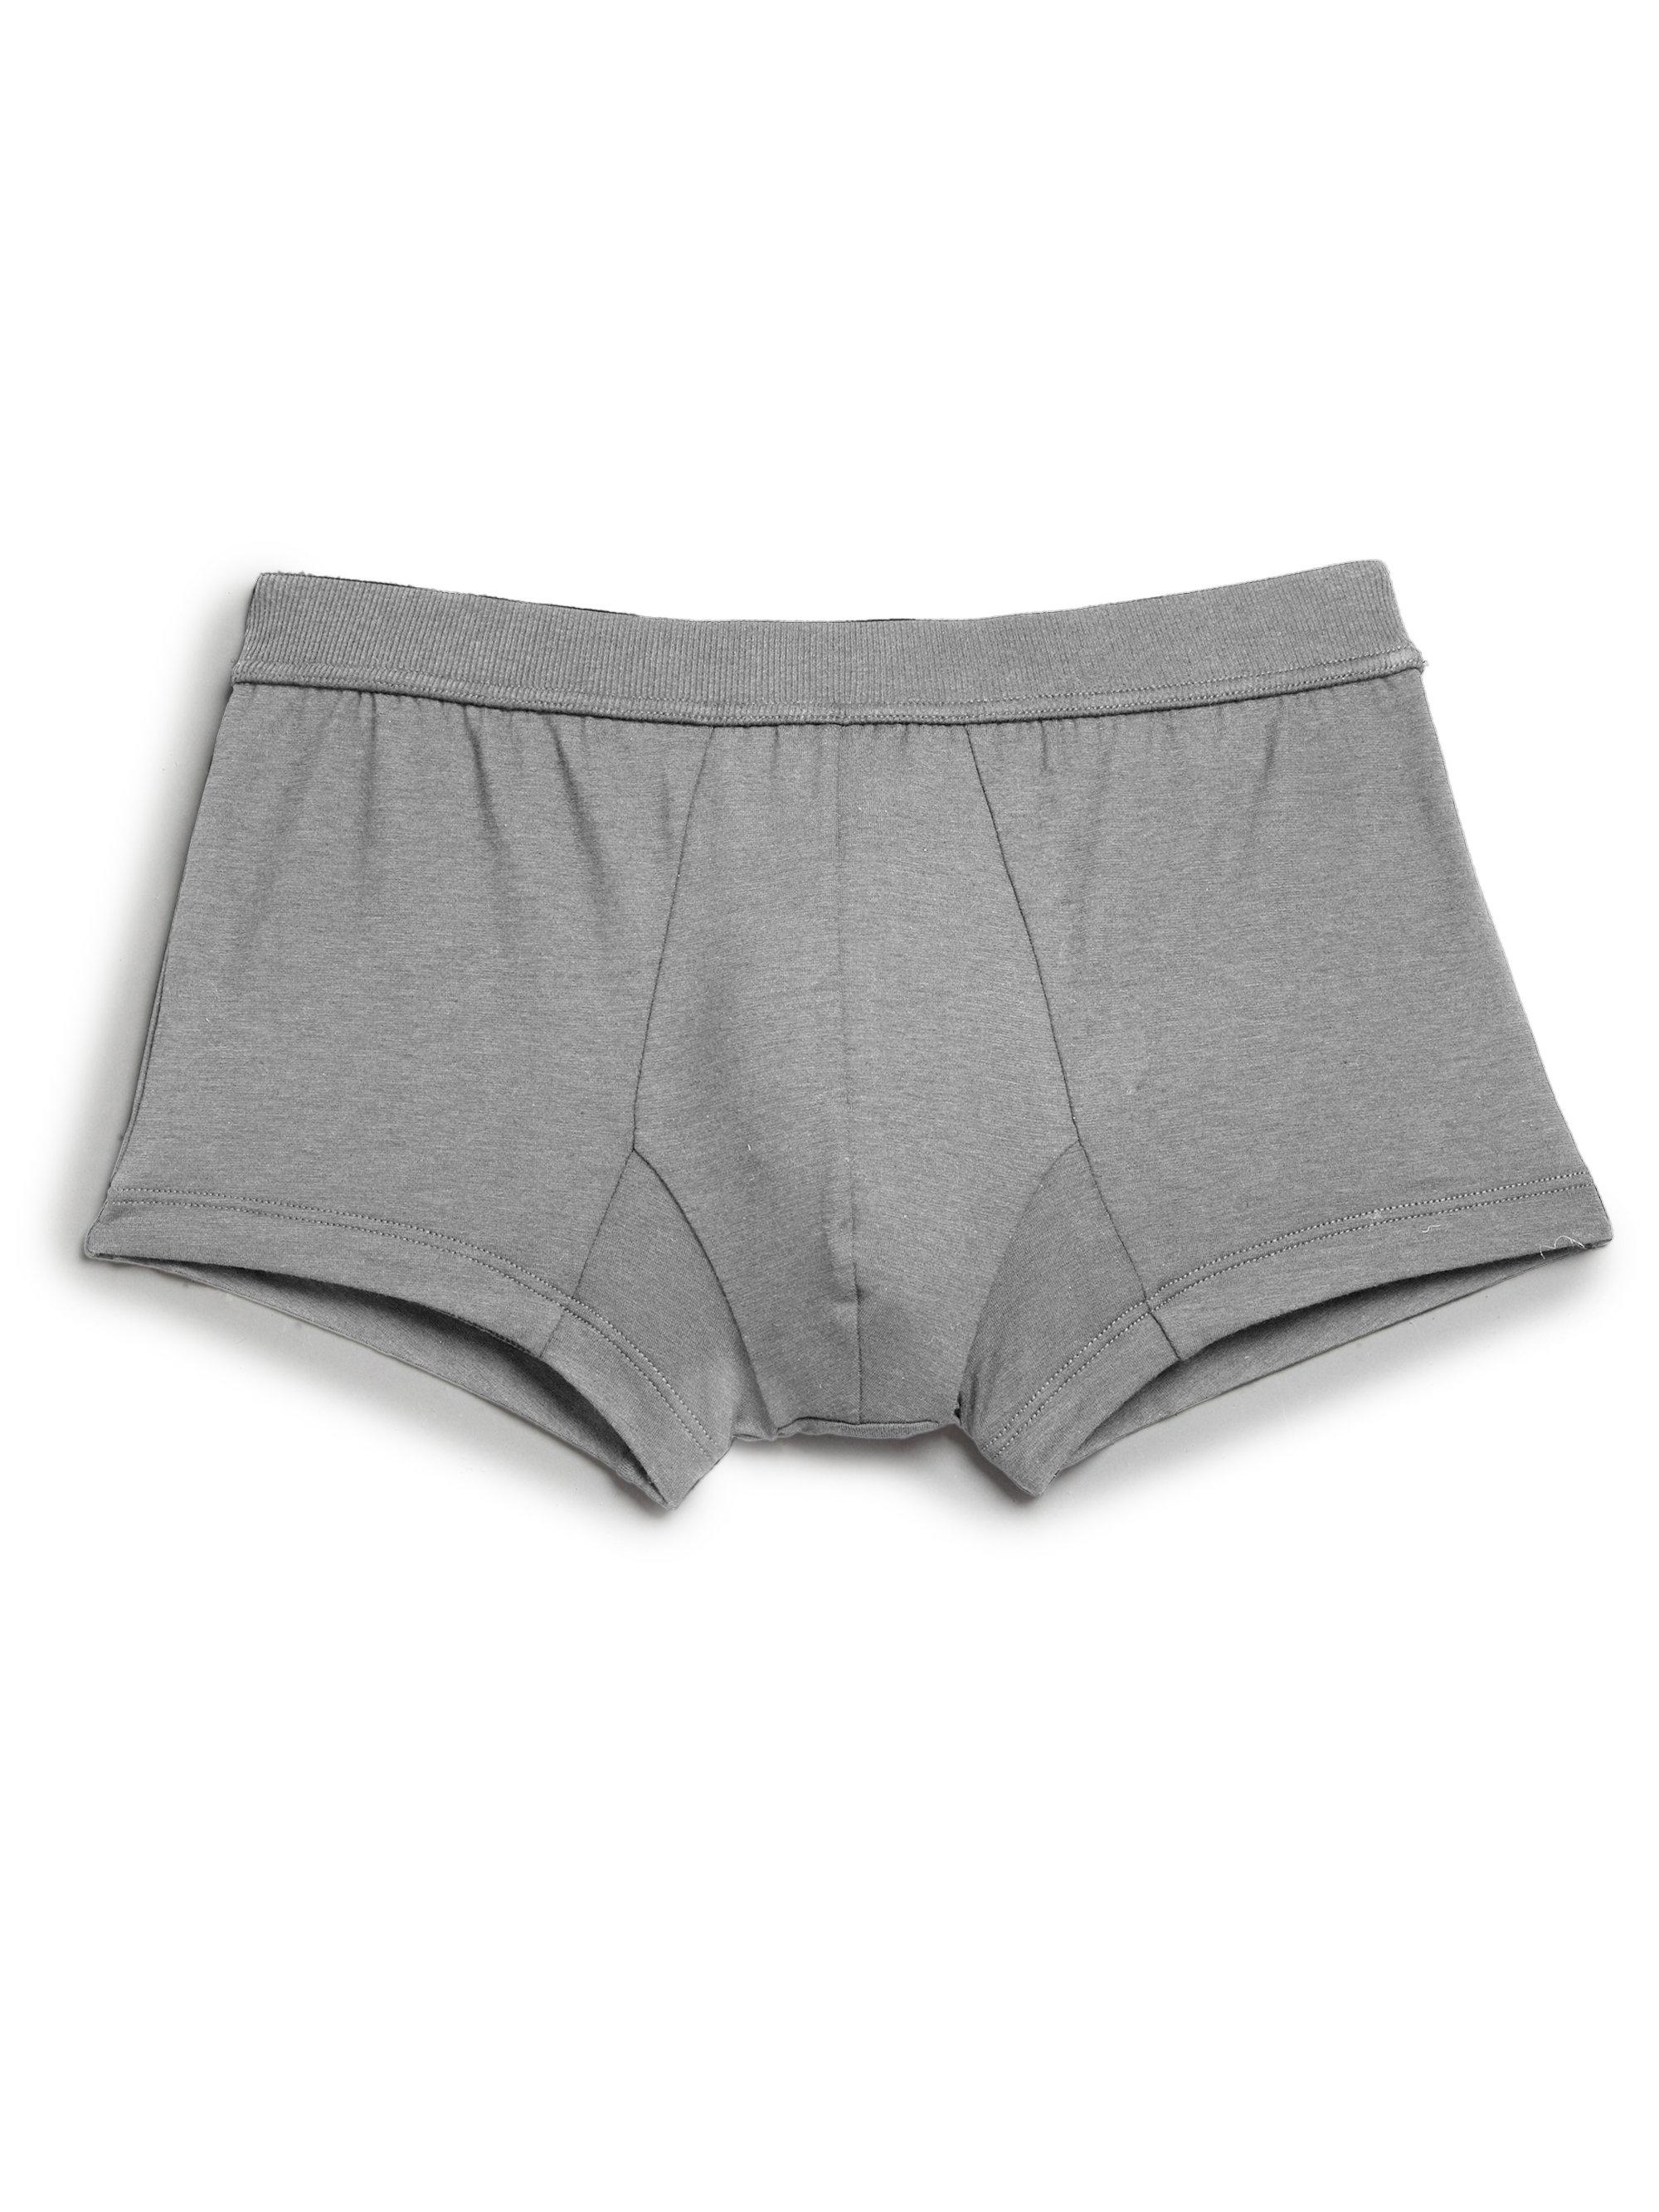 d41be889ea4ab Lyst - La Perla Stretch Cotton & Silk Boxer Briefs in Gray for Men